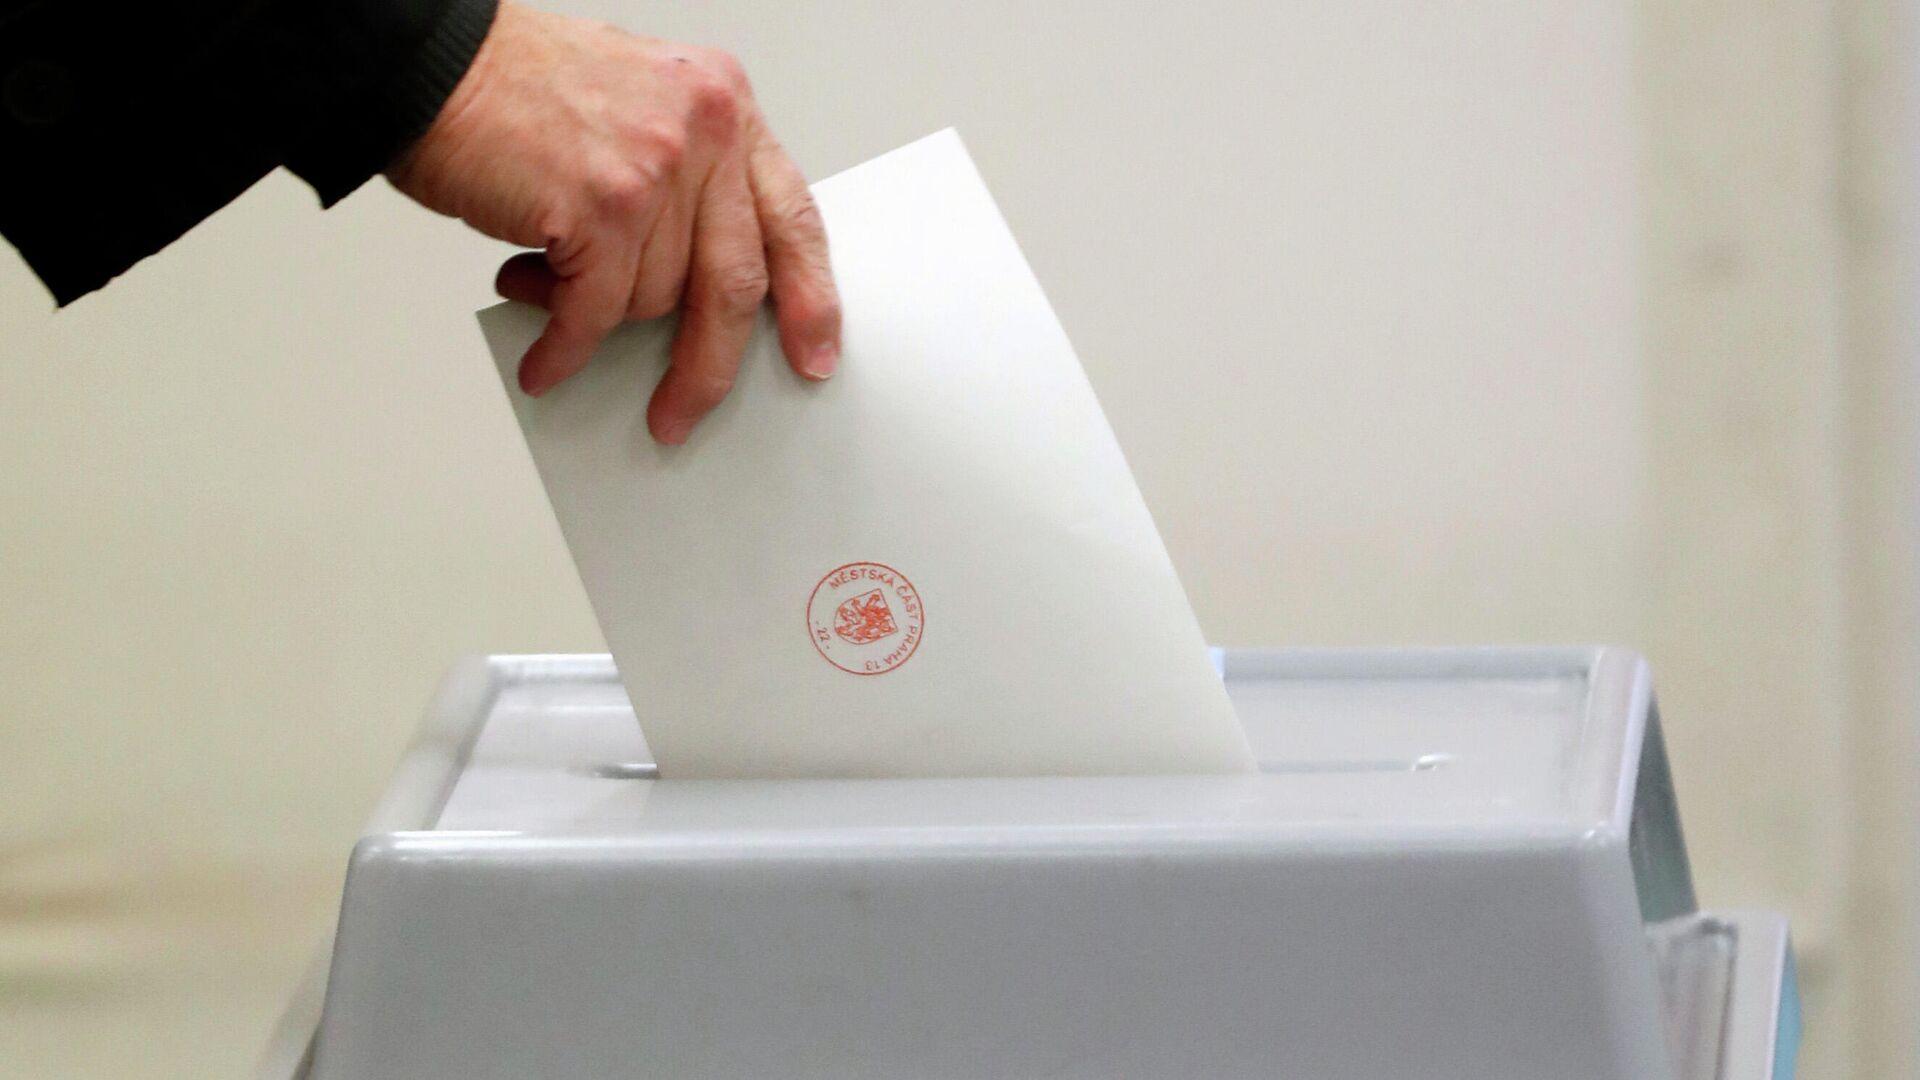 Человек опускает бюллетень в избирательную урну в Чехии - РИА Новости, 1920, 10.10.2021